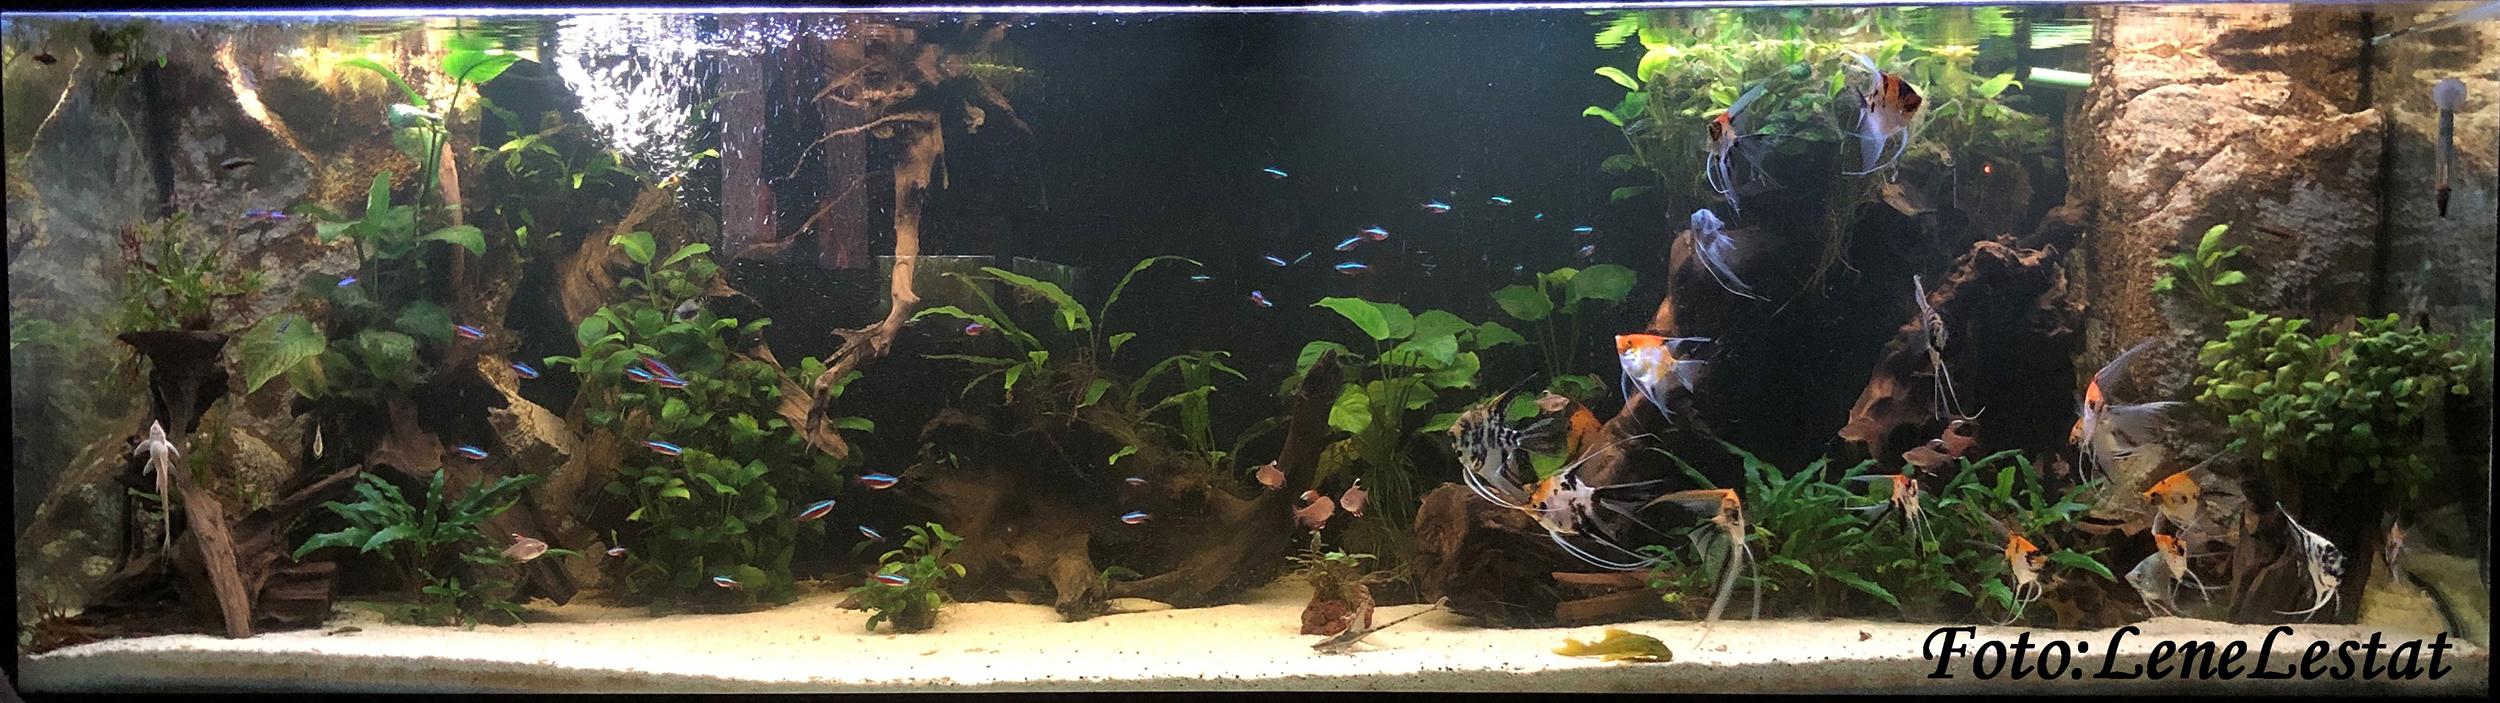 AkvarieSNAK 720 liter - Lene